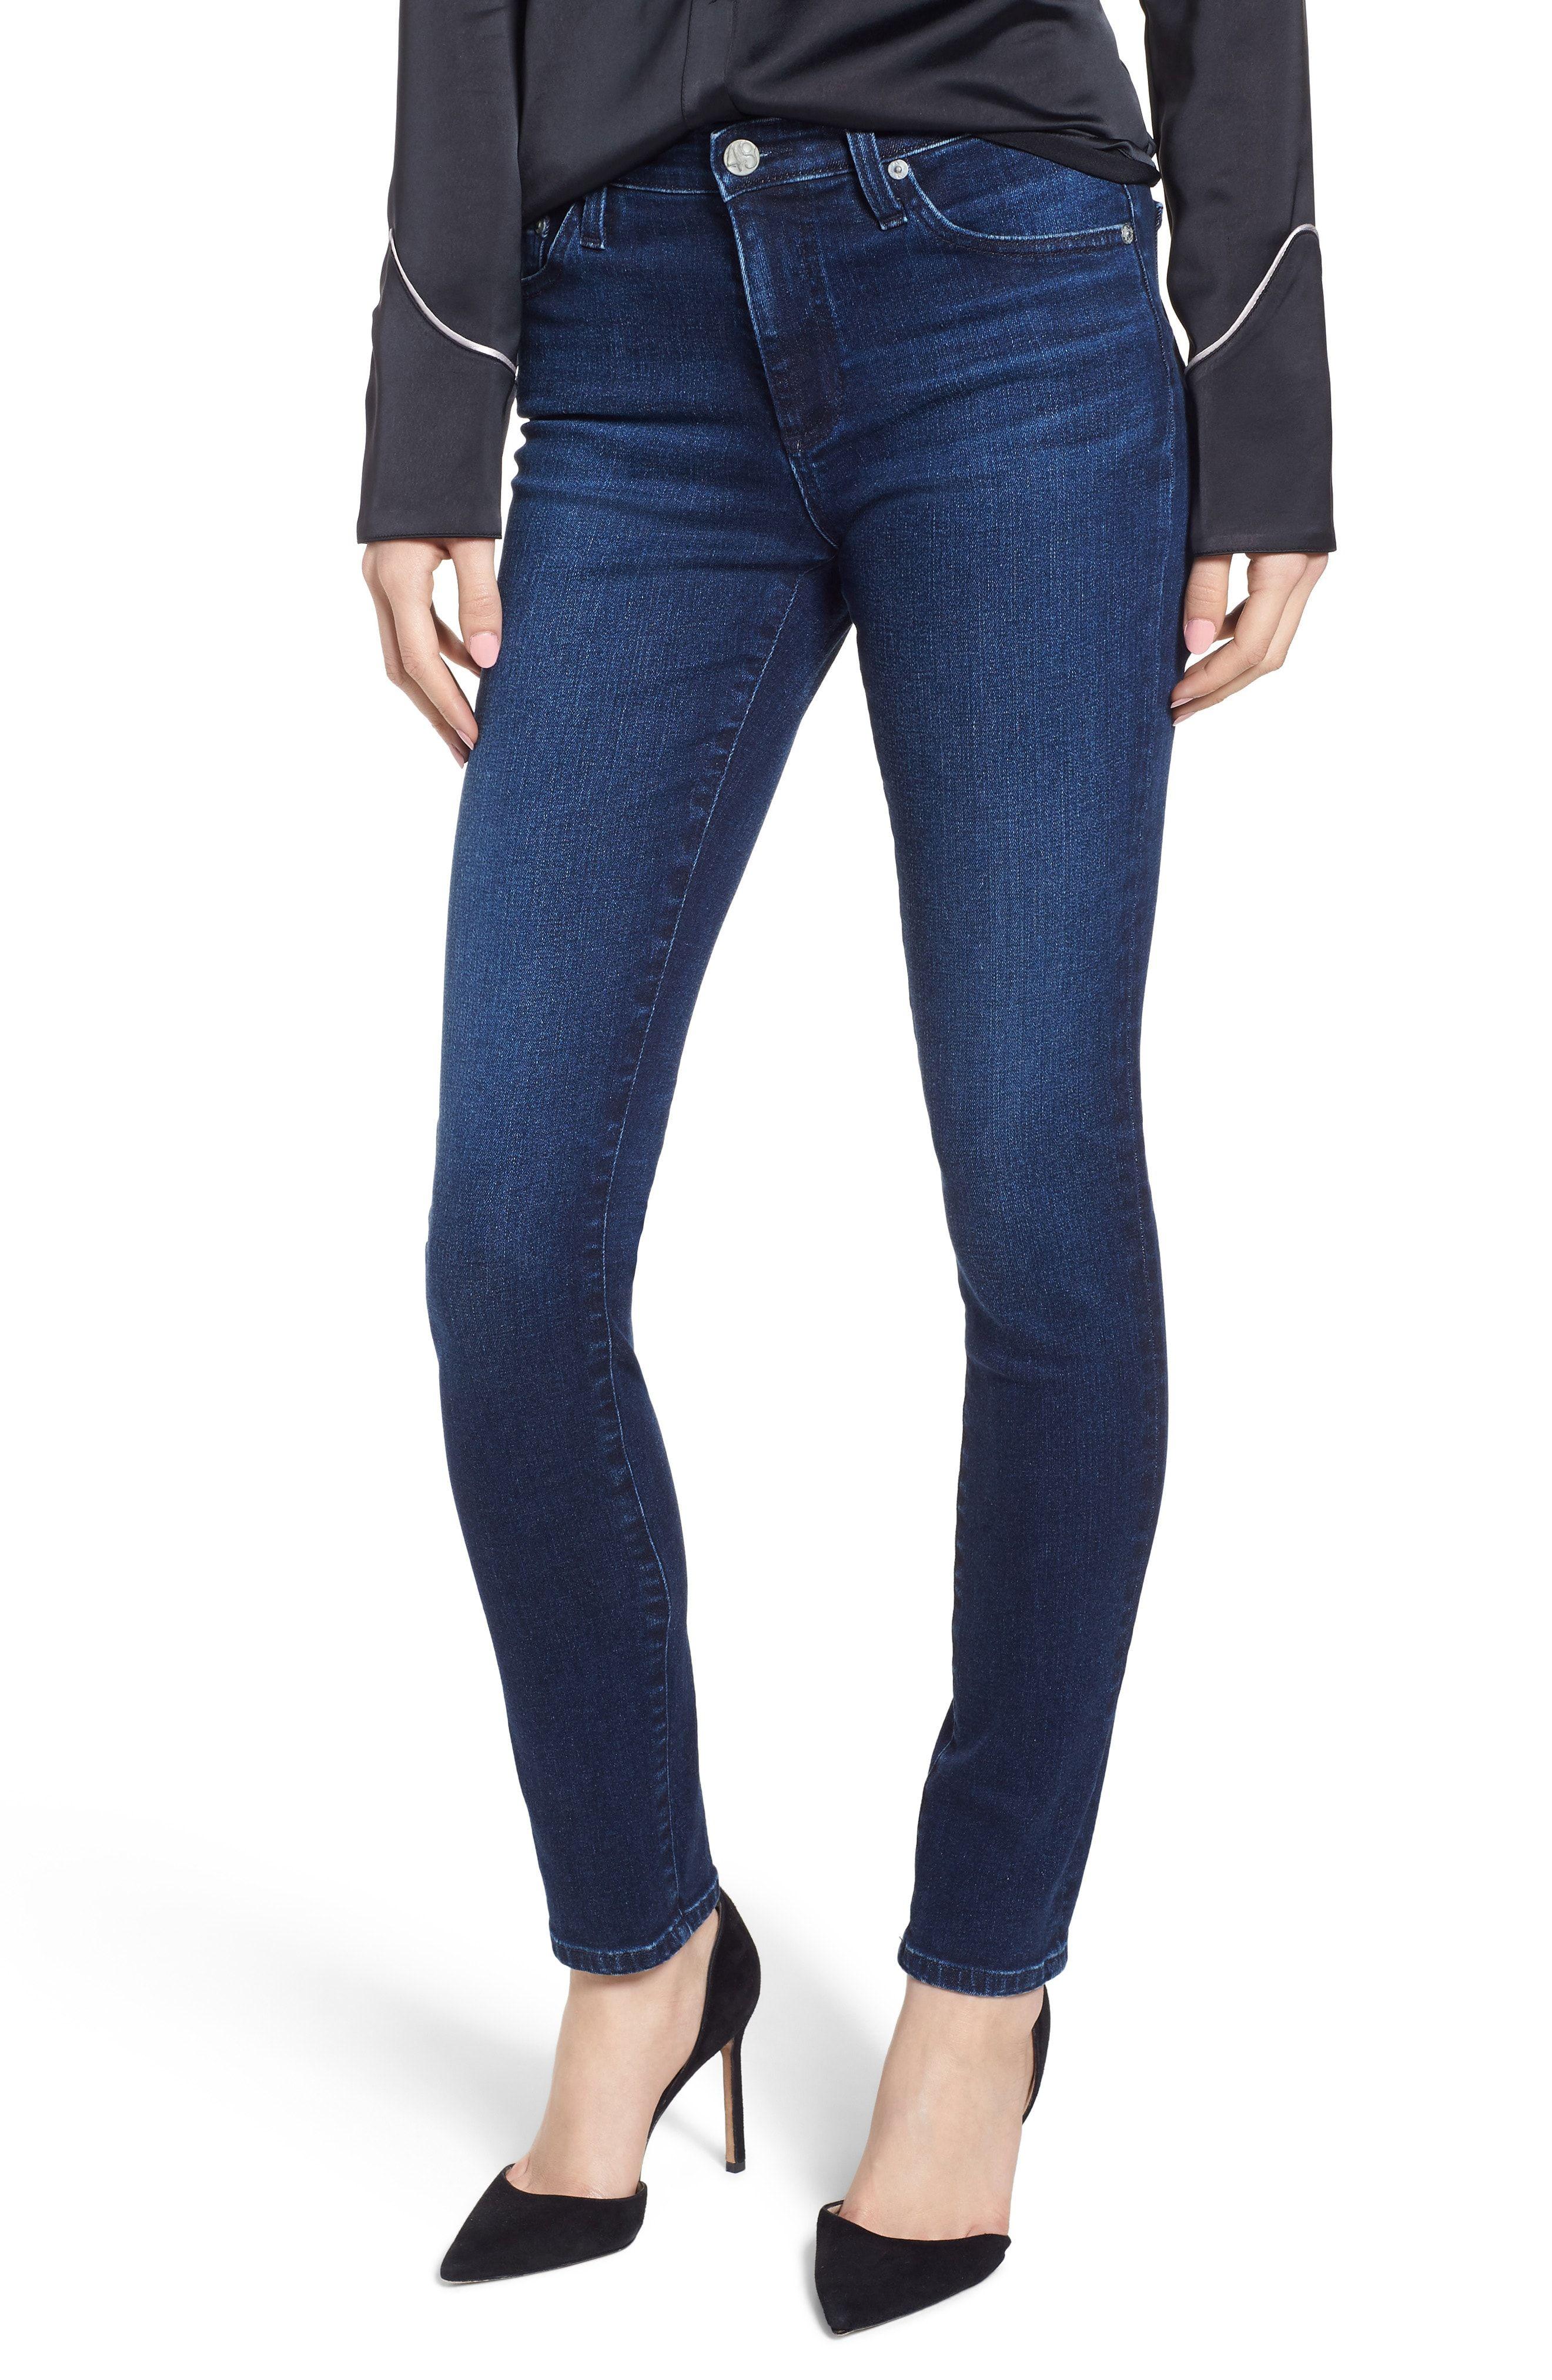 d0af8b7fbefe AG Prima Skinny Jeans (04 Years Celestial)  Nsale   NordstromAnniversarySale2018 Nordstrom Sale